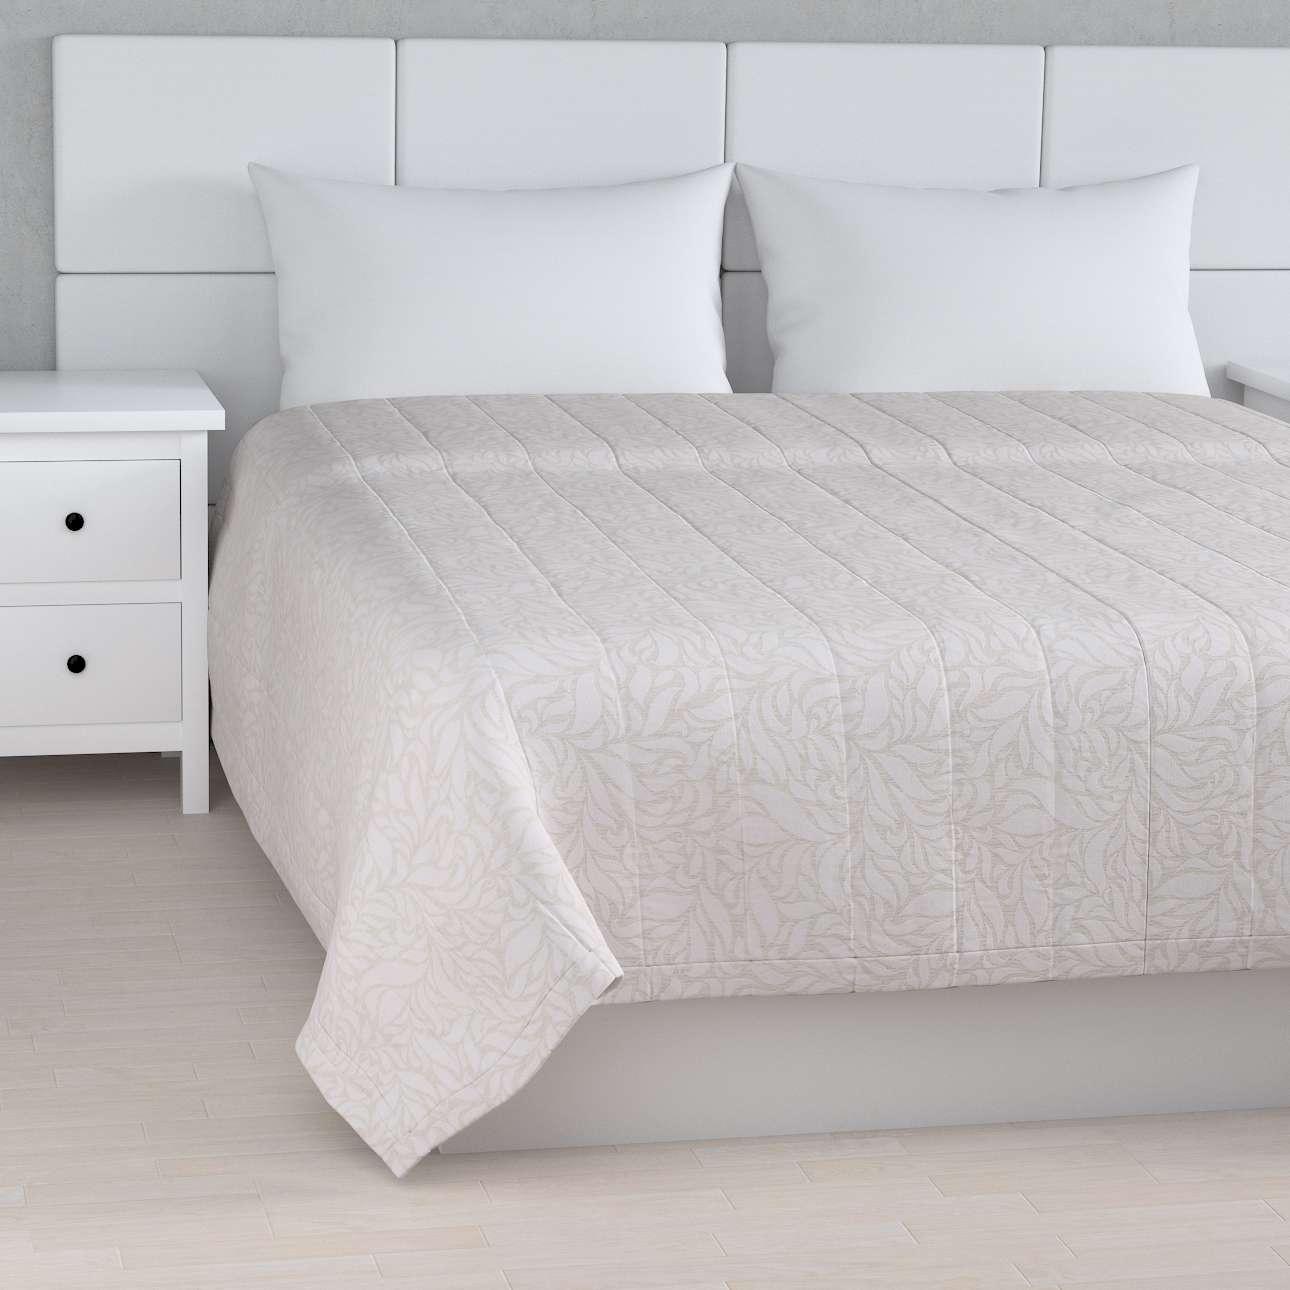 Moderne Sengetæppe quiltet 10cm striber, Grå og hvid Jaquardvævet - Dekoria QF17